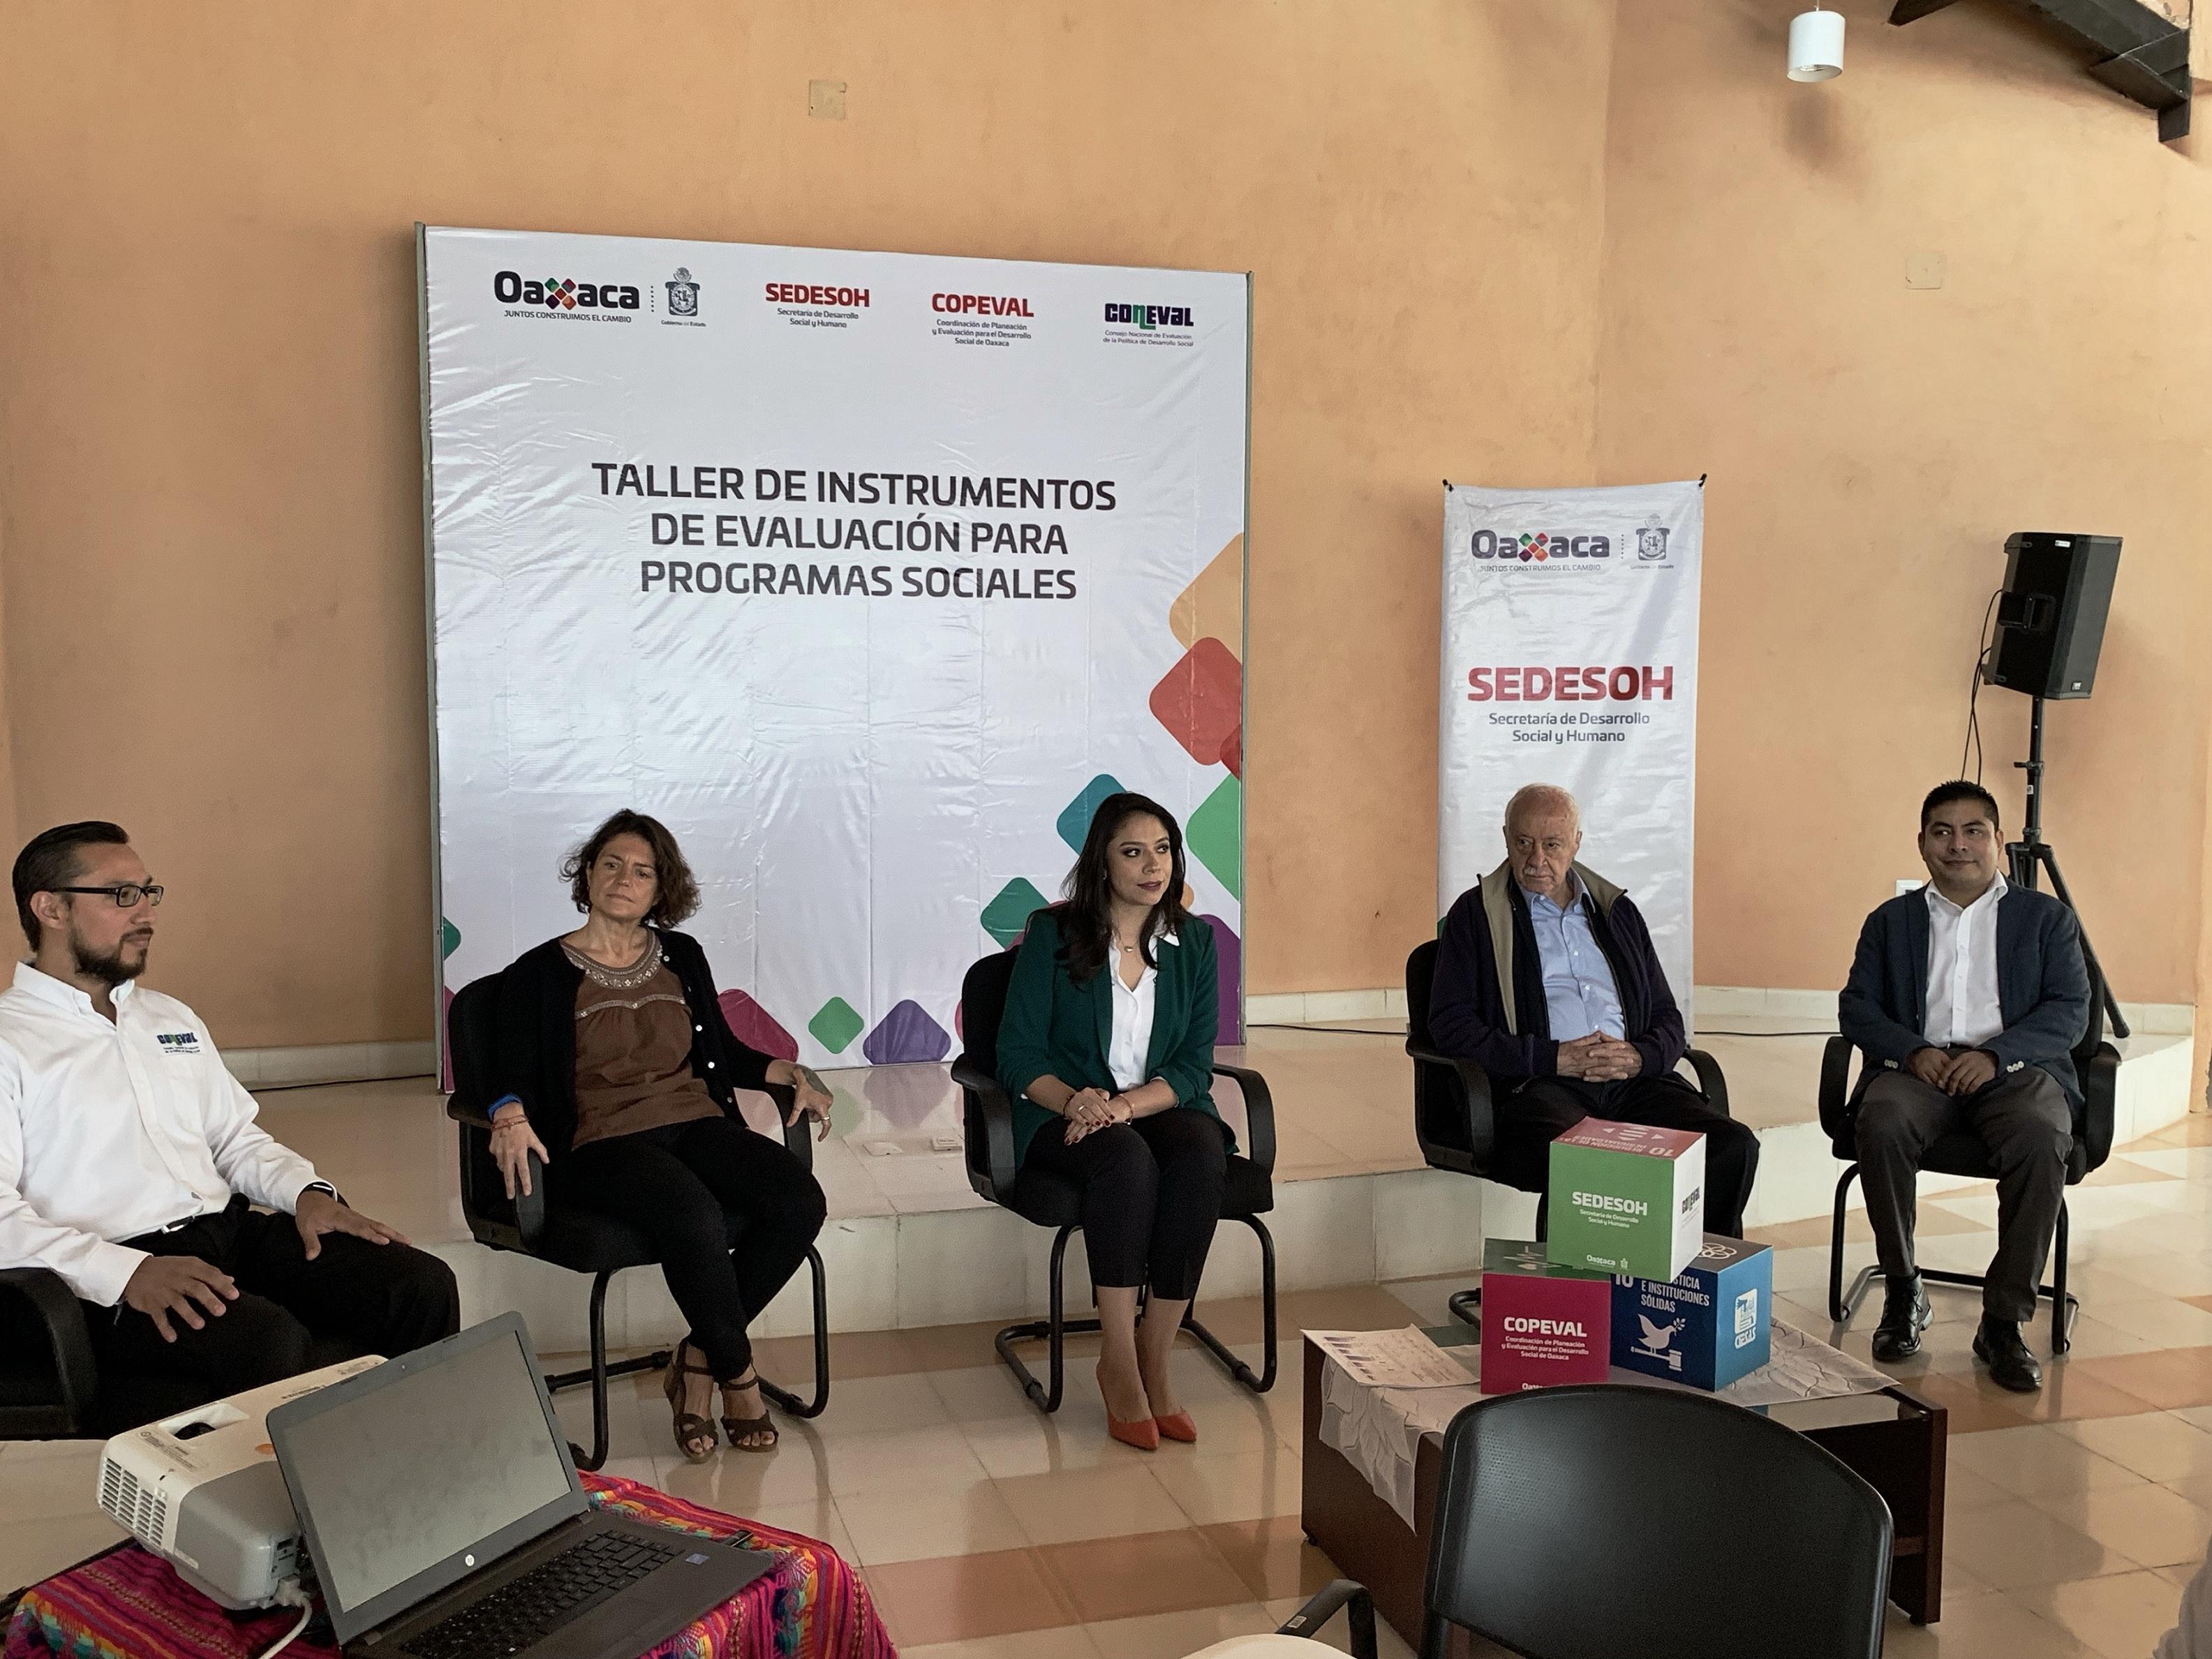 Fortaleciendo la Cultura de la Evaluación en Oaxaca